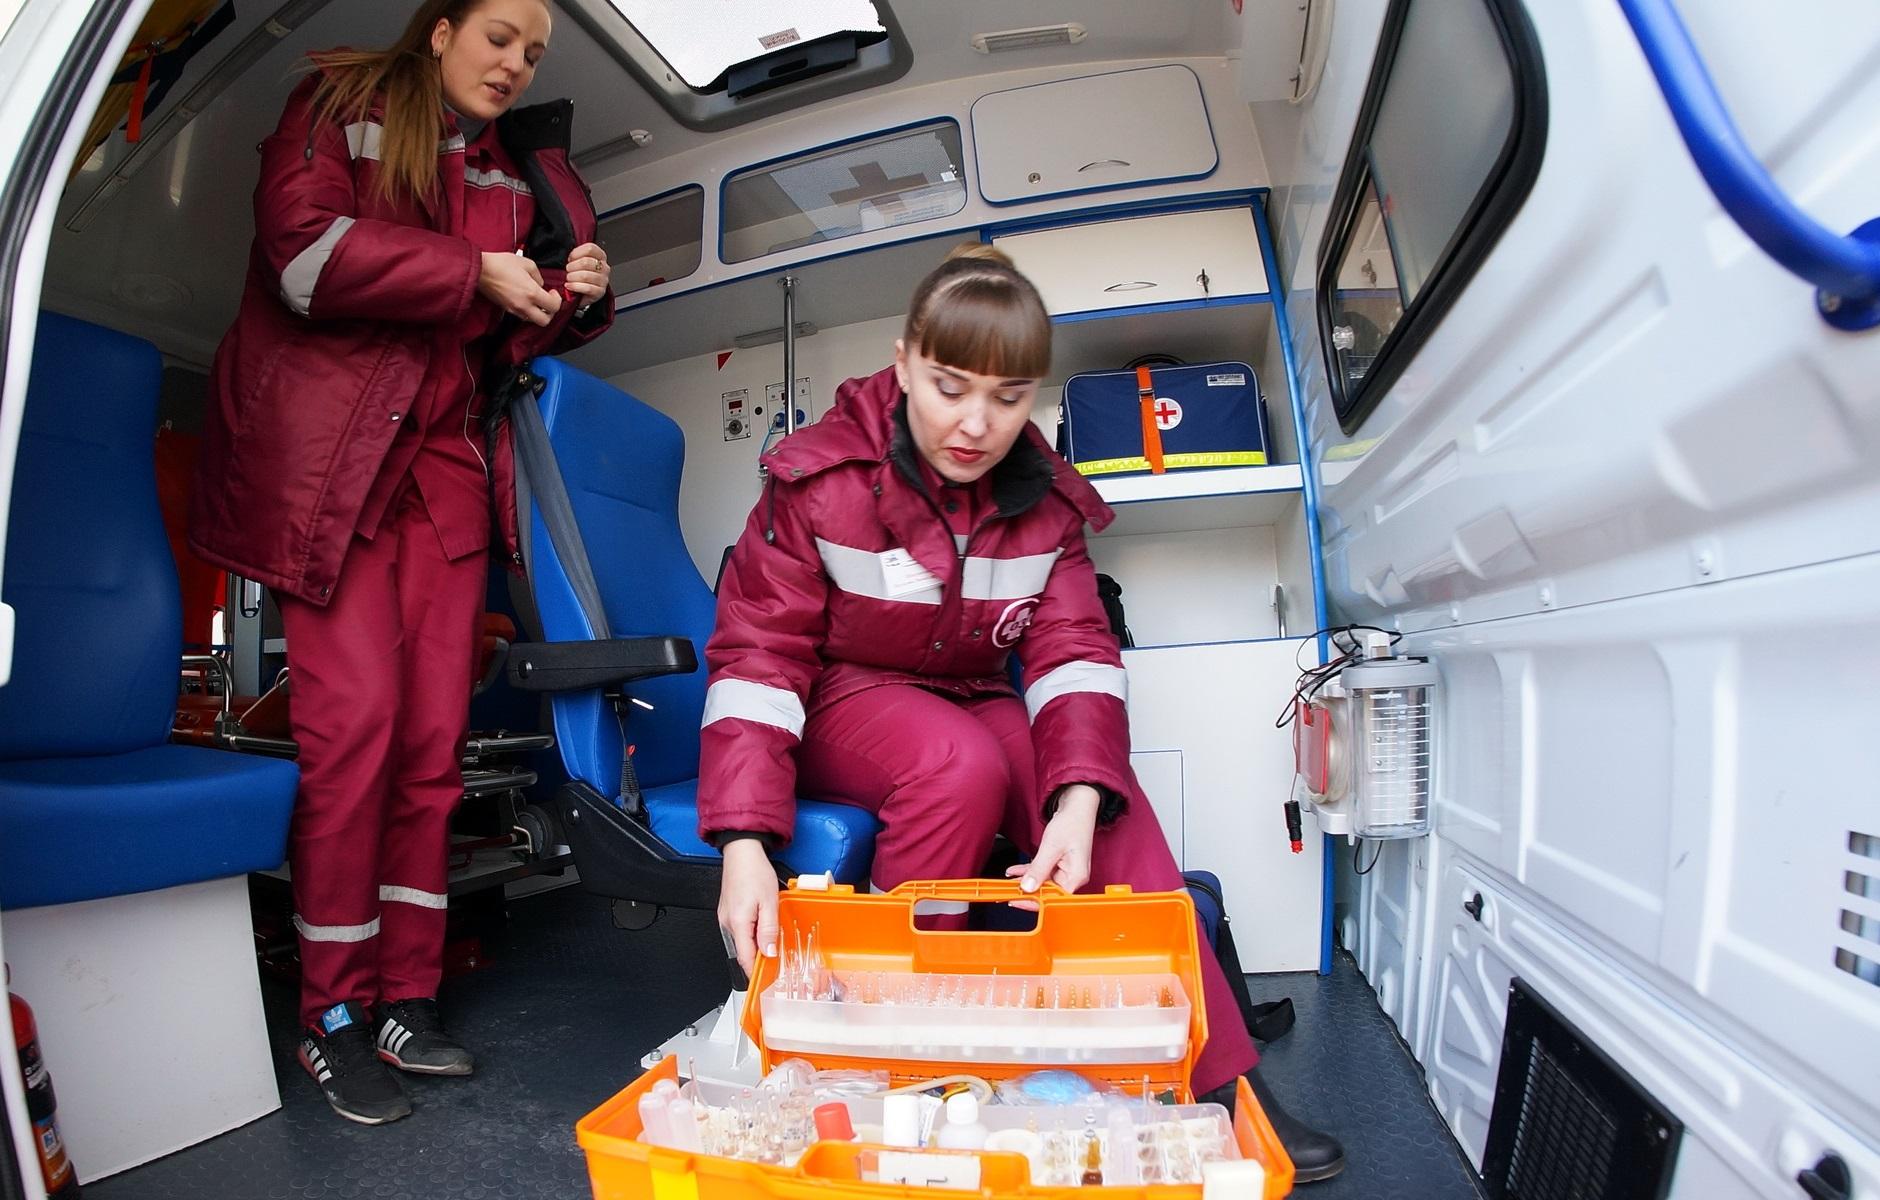 На Кубани станет больше медицинского оборудования и дезинфицирующих средств